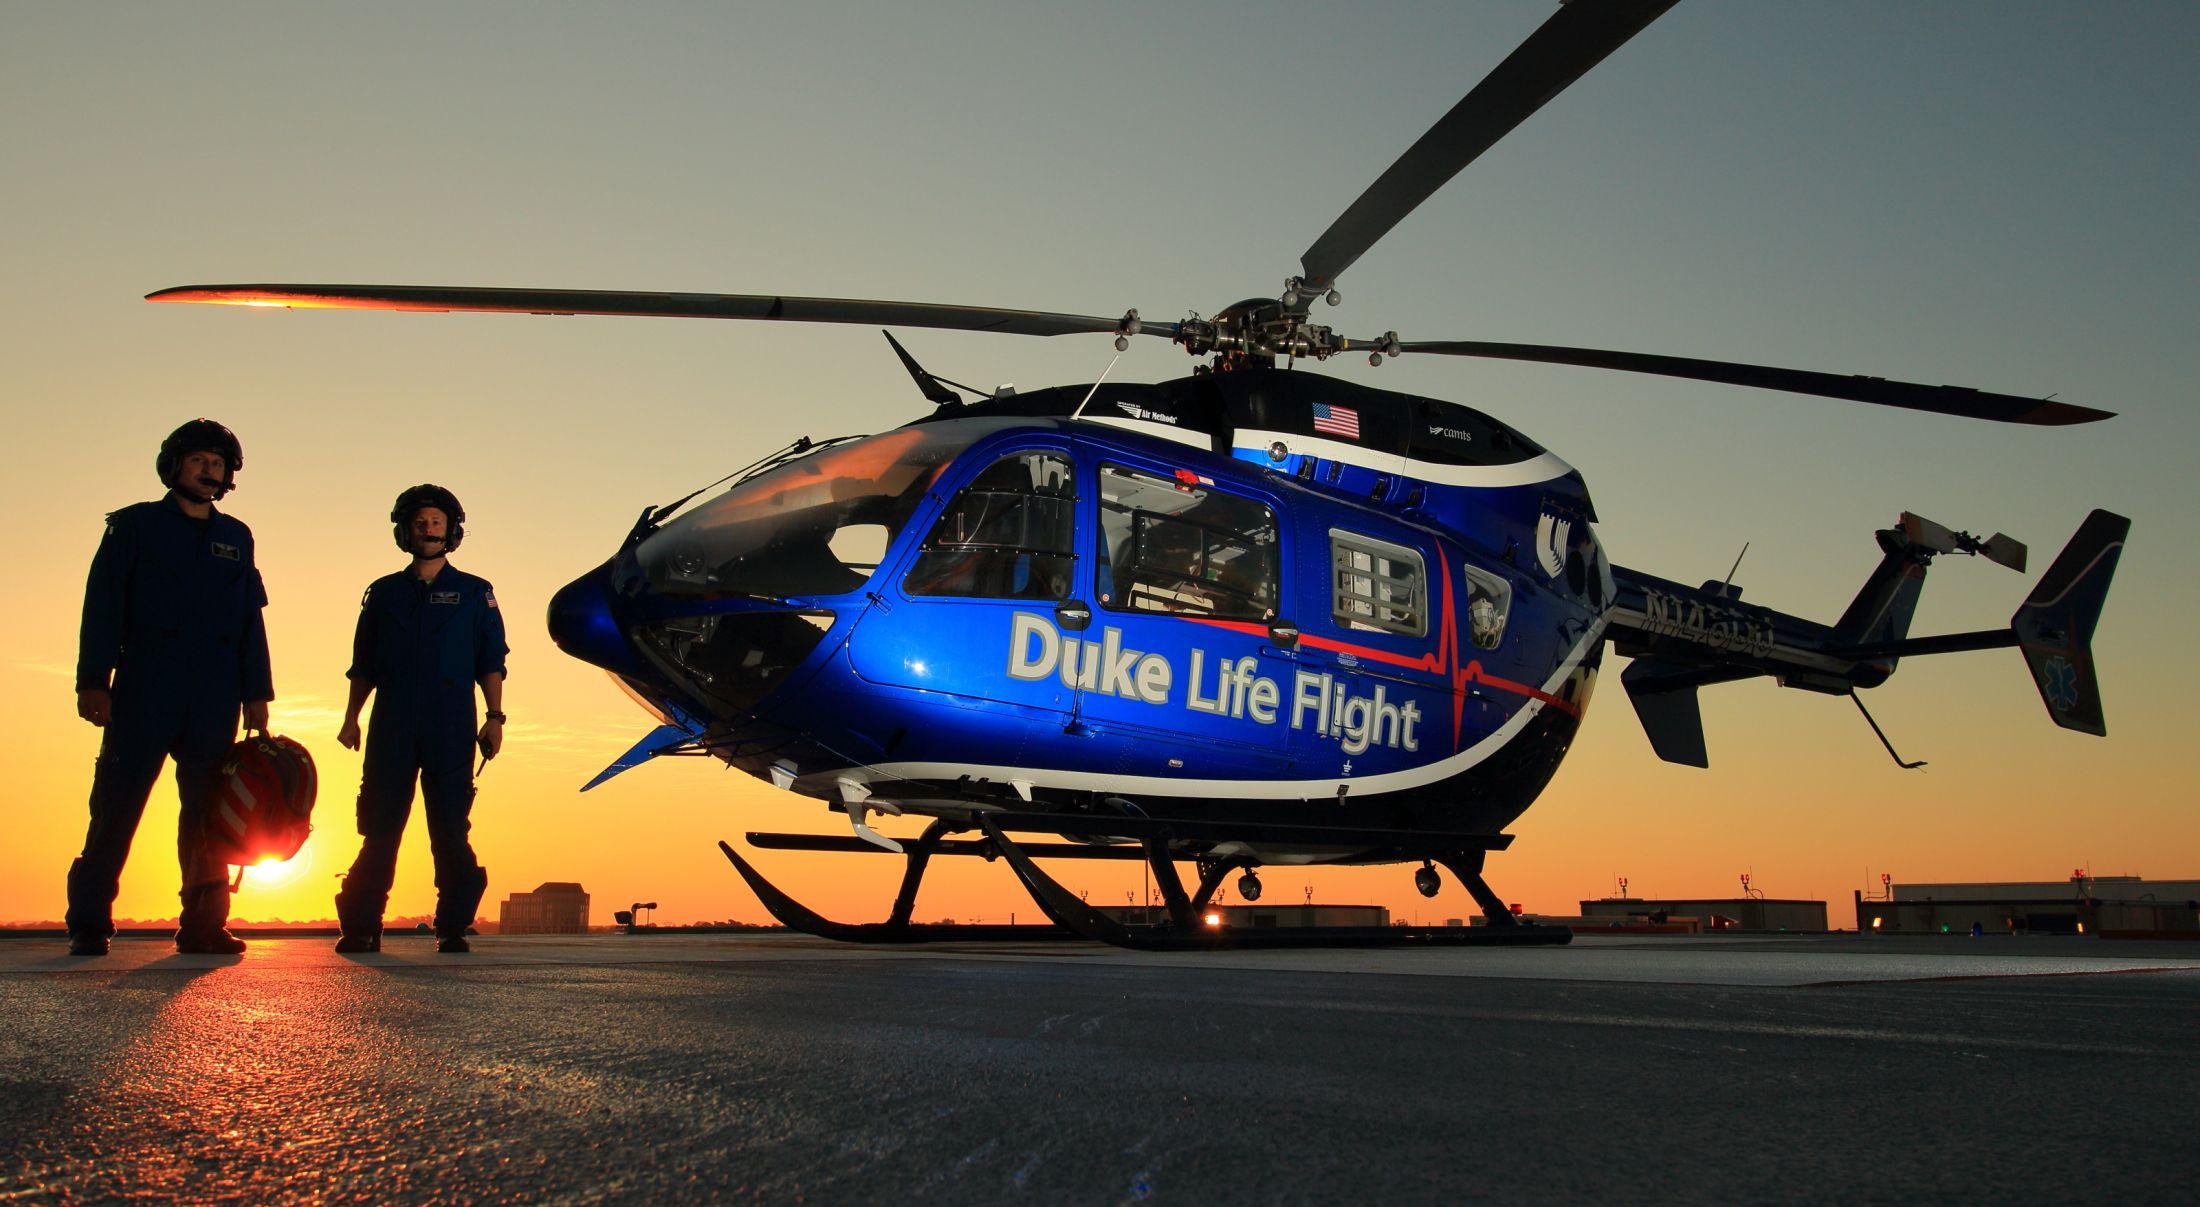 #airmedical Duke